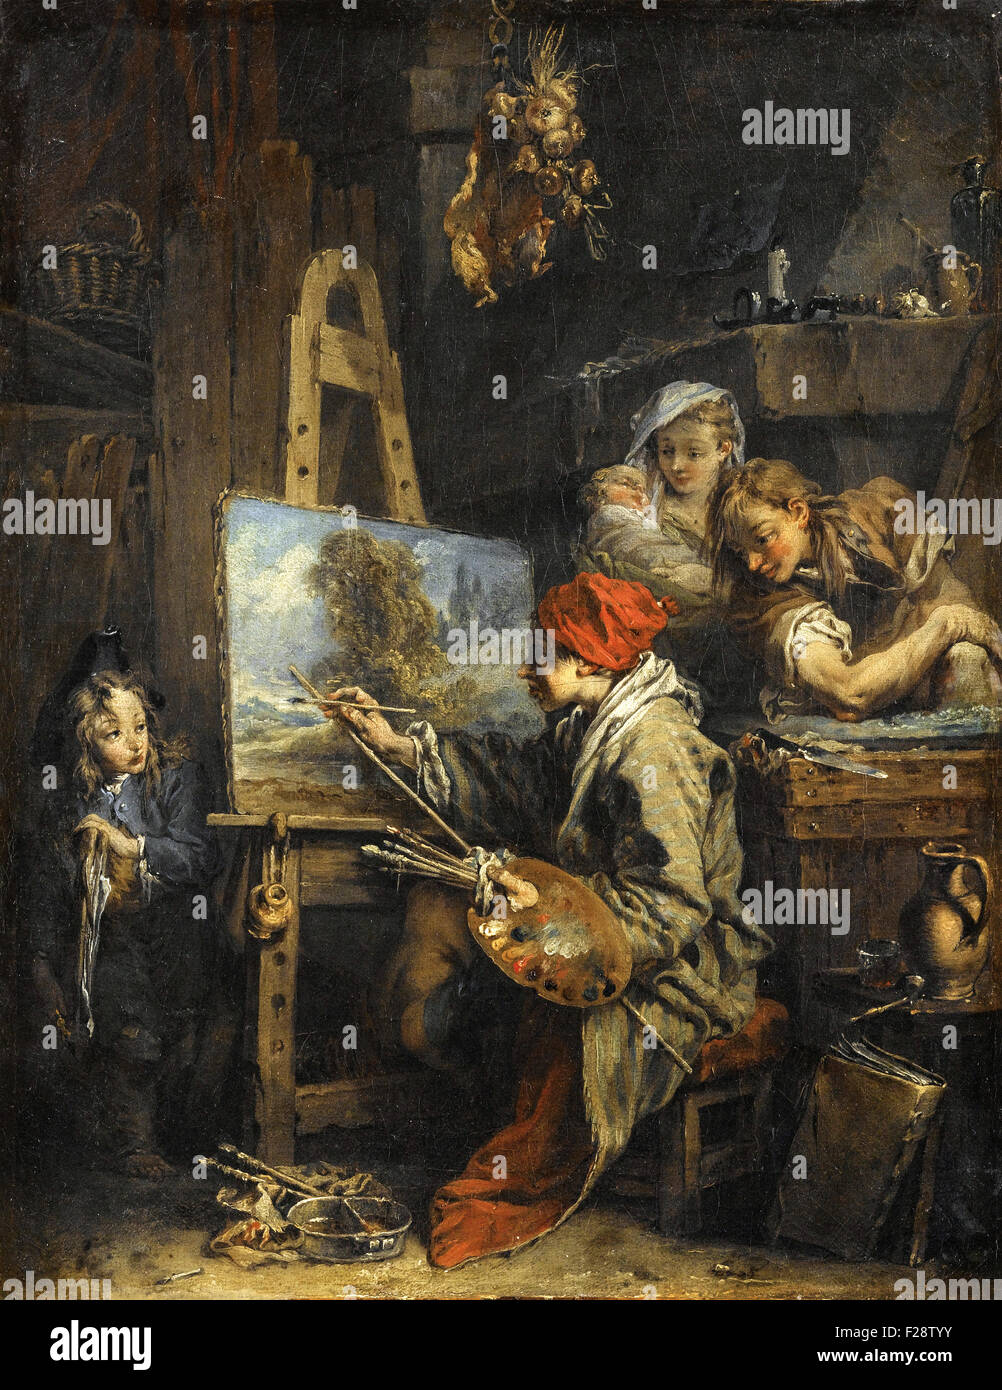 François Boucher -  Le Peintre de Paysage - Stock Image